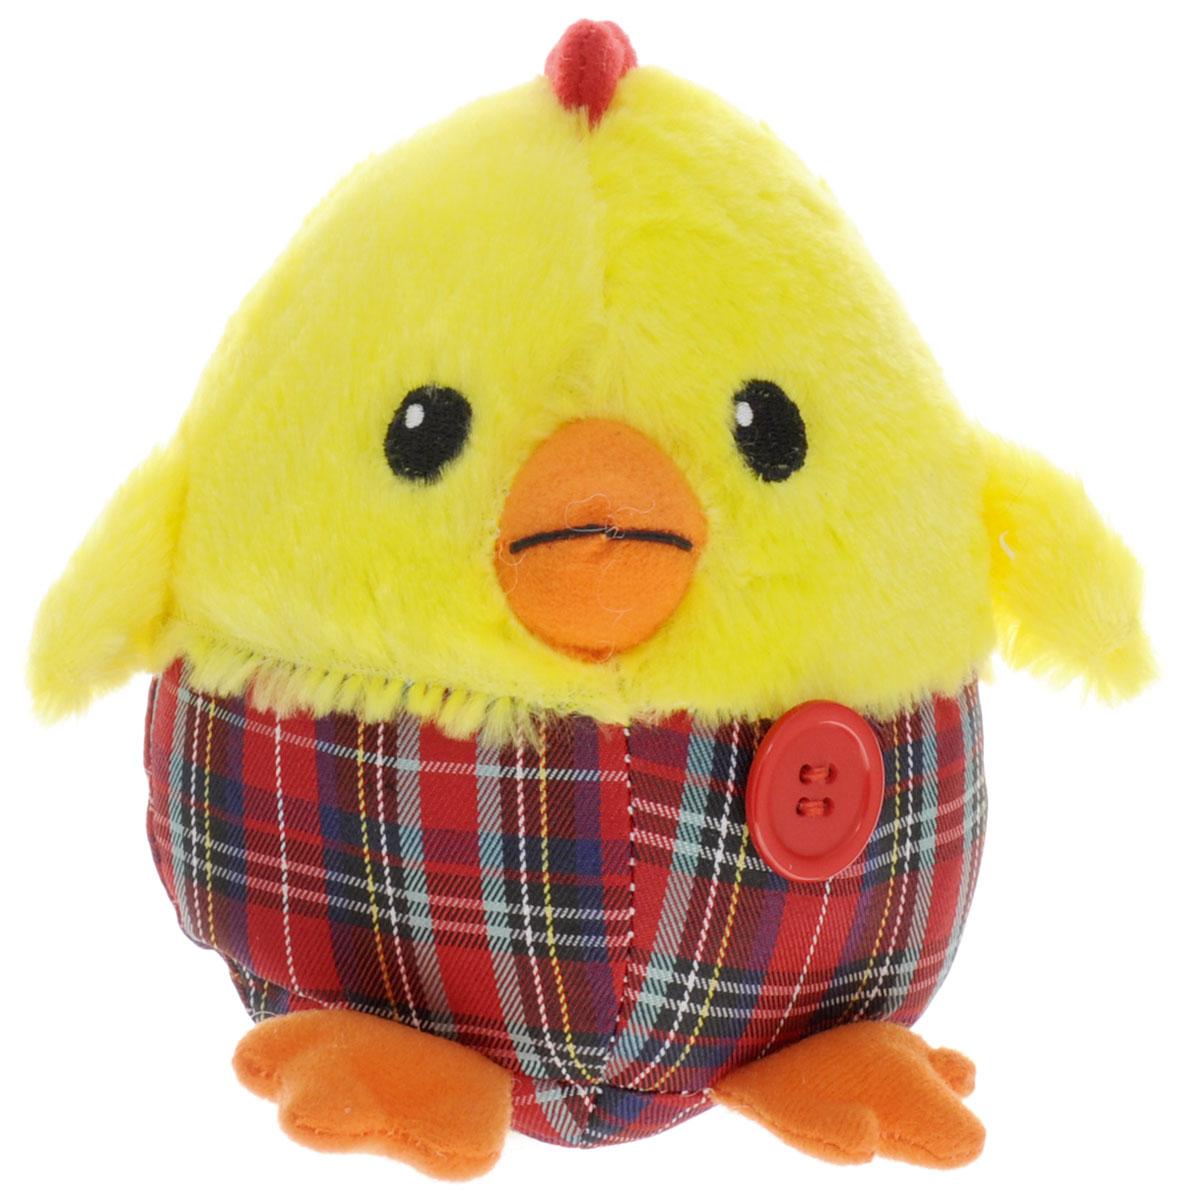 Gulliver Мягкая игрушка Цыпленок Солнышко в штанишках цвет желтый красный 12 см